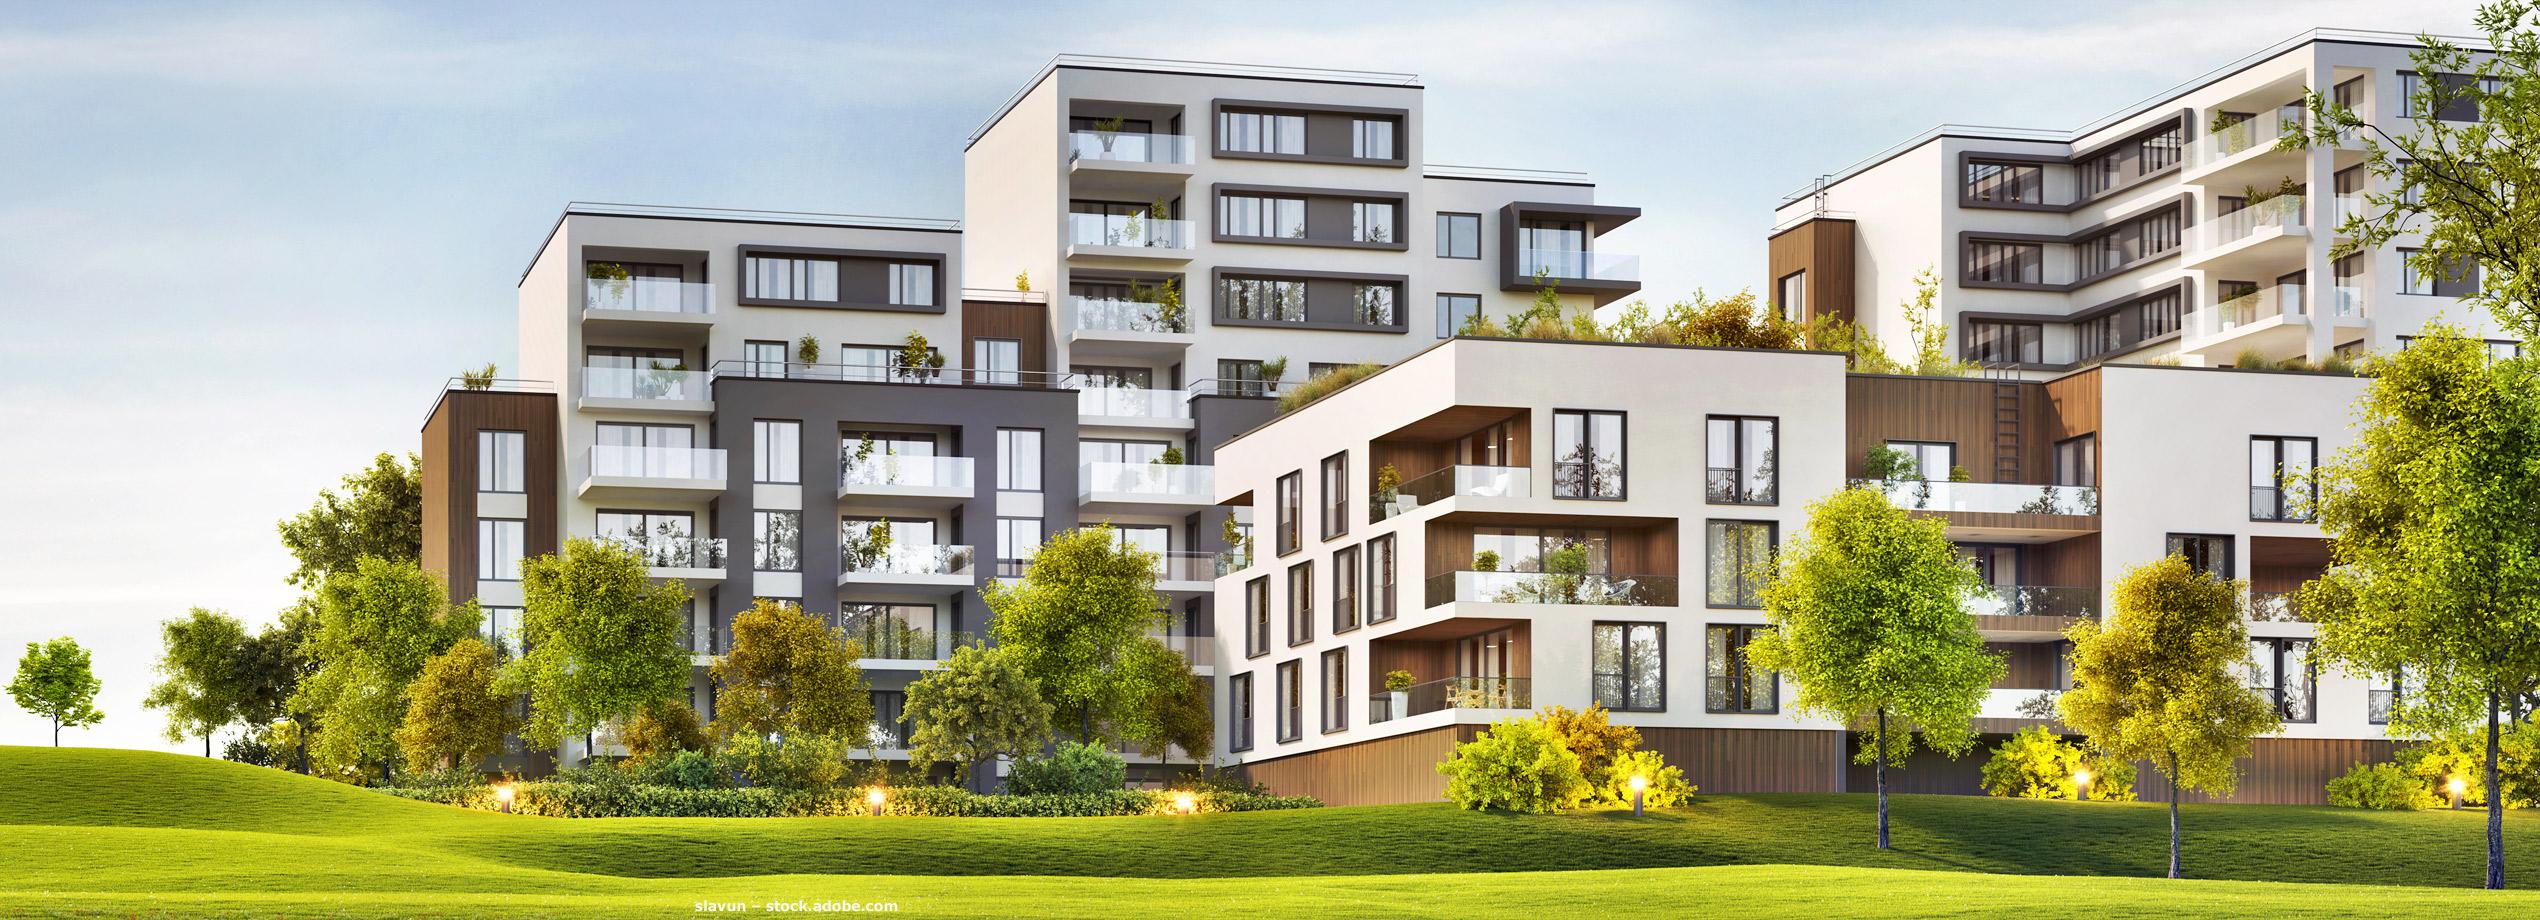 Hausverwaltung Immobilienverwaltung im Raum Kitzingen Würzburg